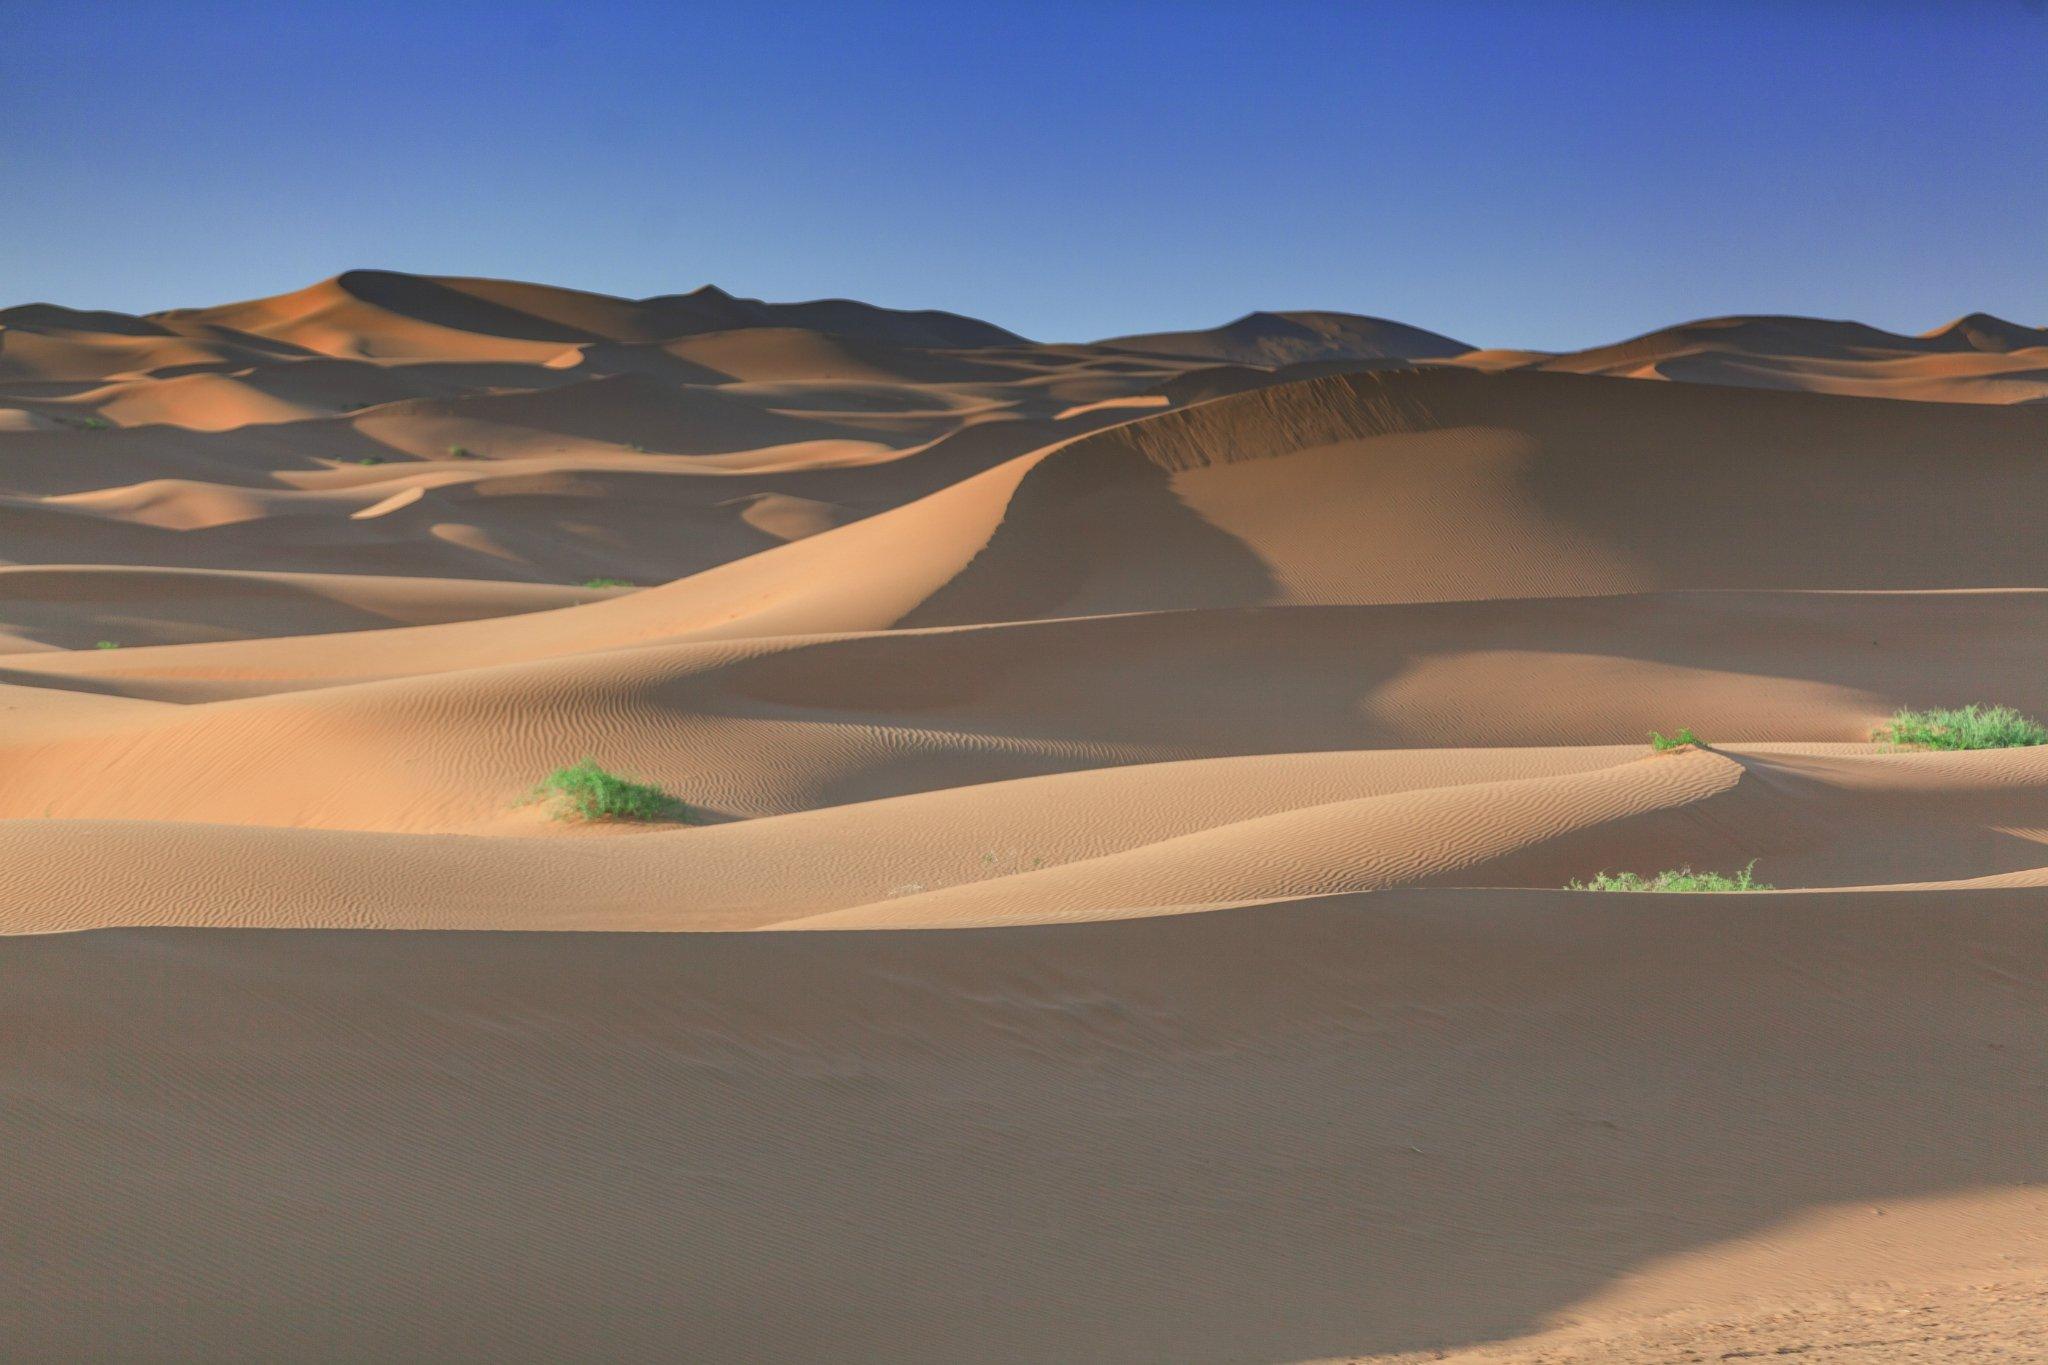 穿越大漠 追逐炫丽光影之旅—晚霞 星空 露营 日出在这儿齐活儿了(含攻略)